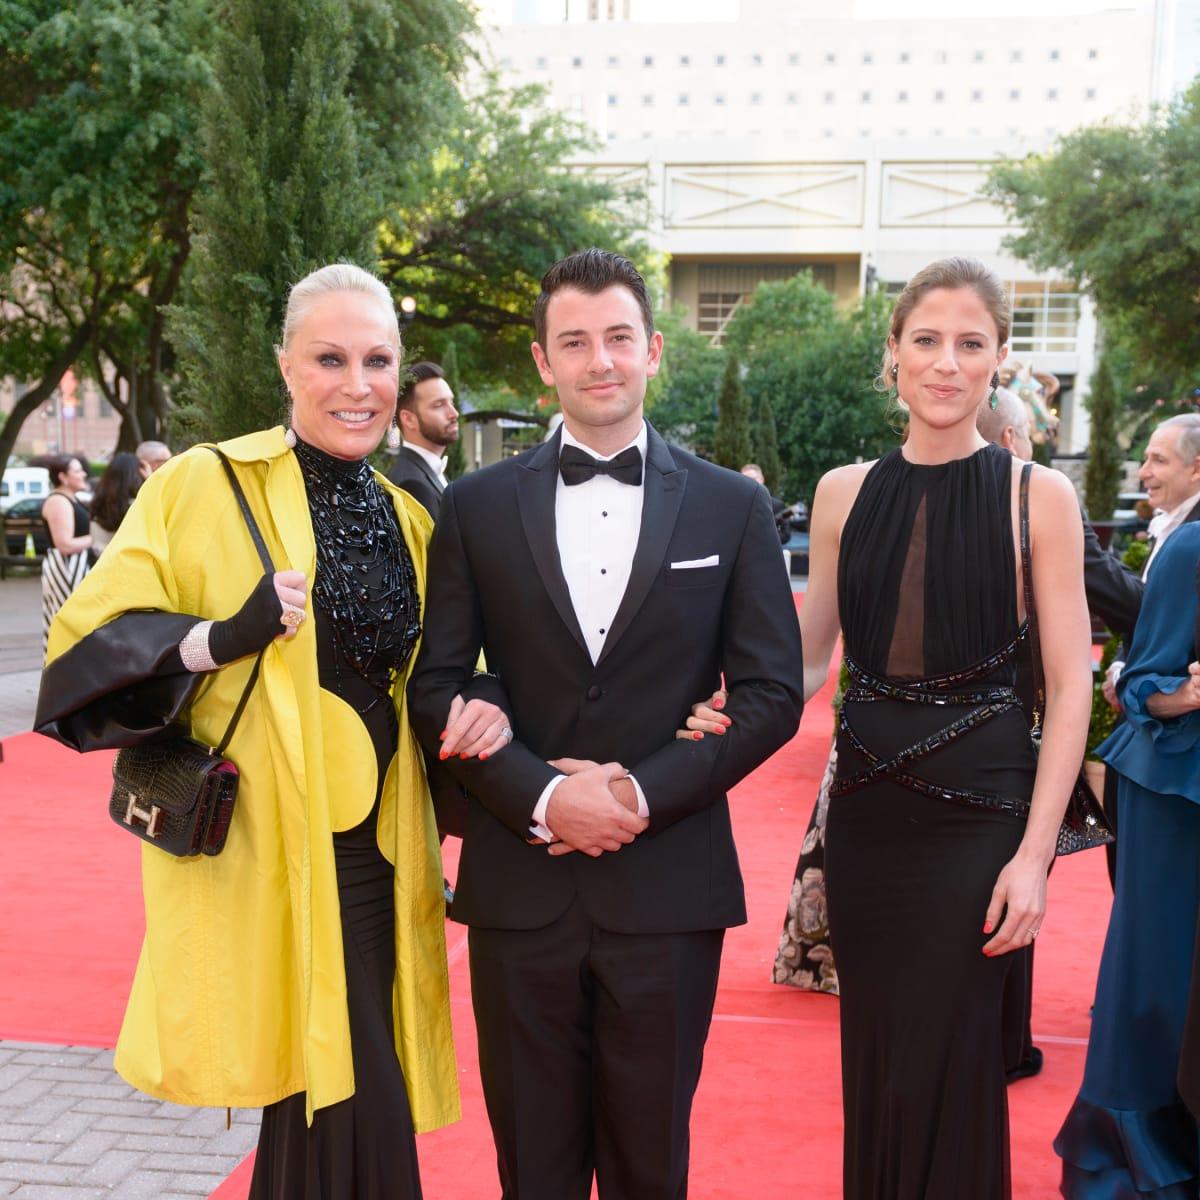 Houston Grand Opera Ball, April 2016, Suzanne Saperstein, Crayton Baer, Alexis Saperstein